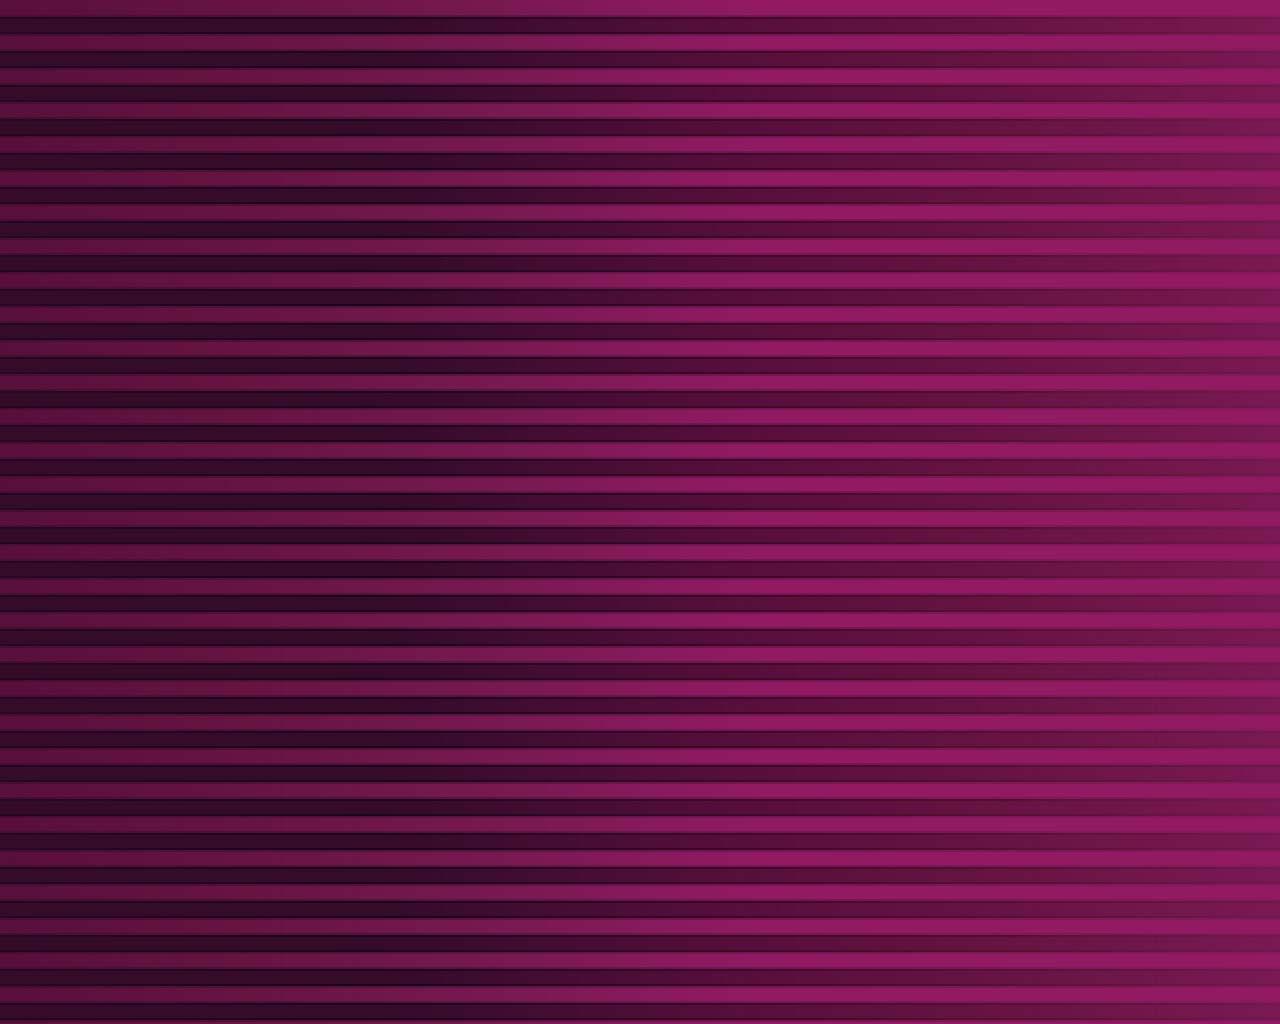 Sh Yn Design Stripe Pattern Wallpaper Combination Purple Black